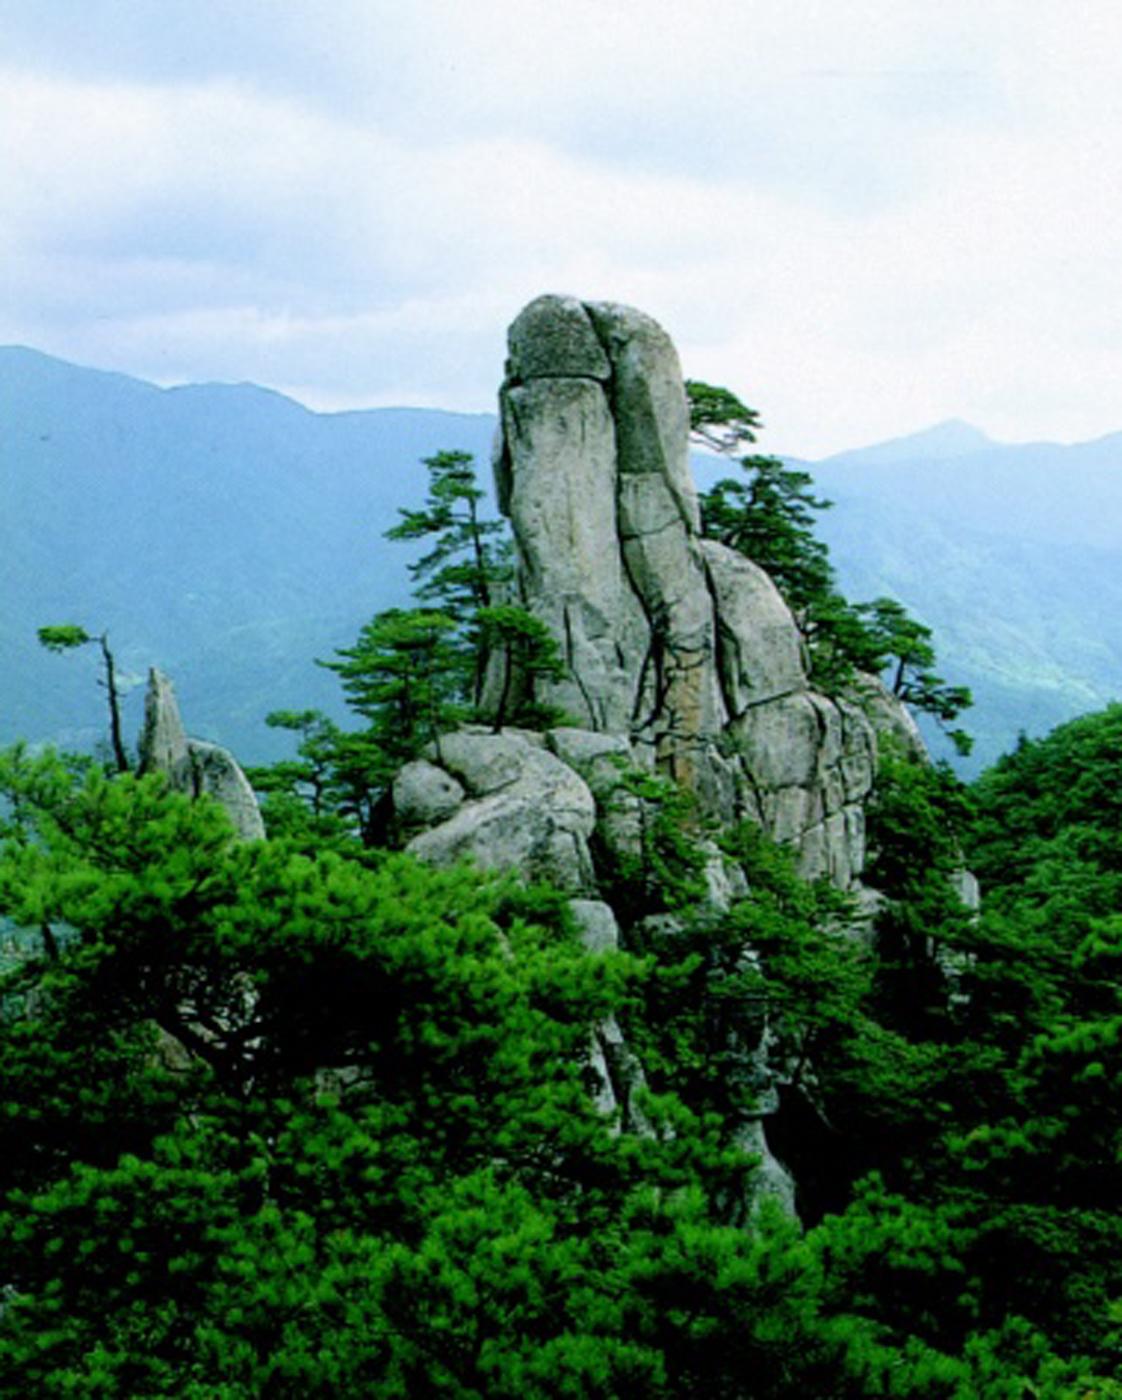 Woonaksan Mountain